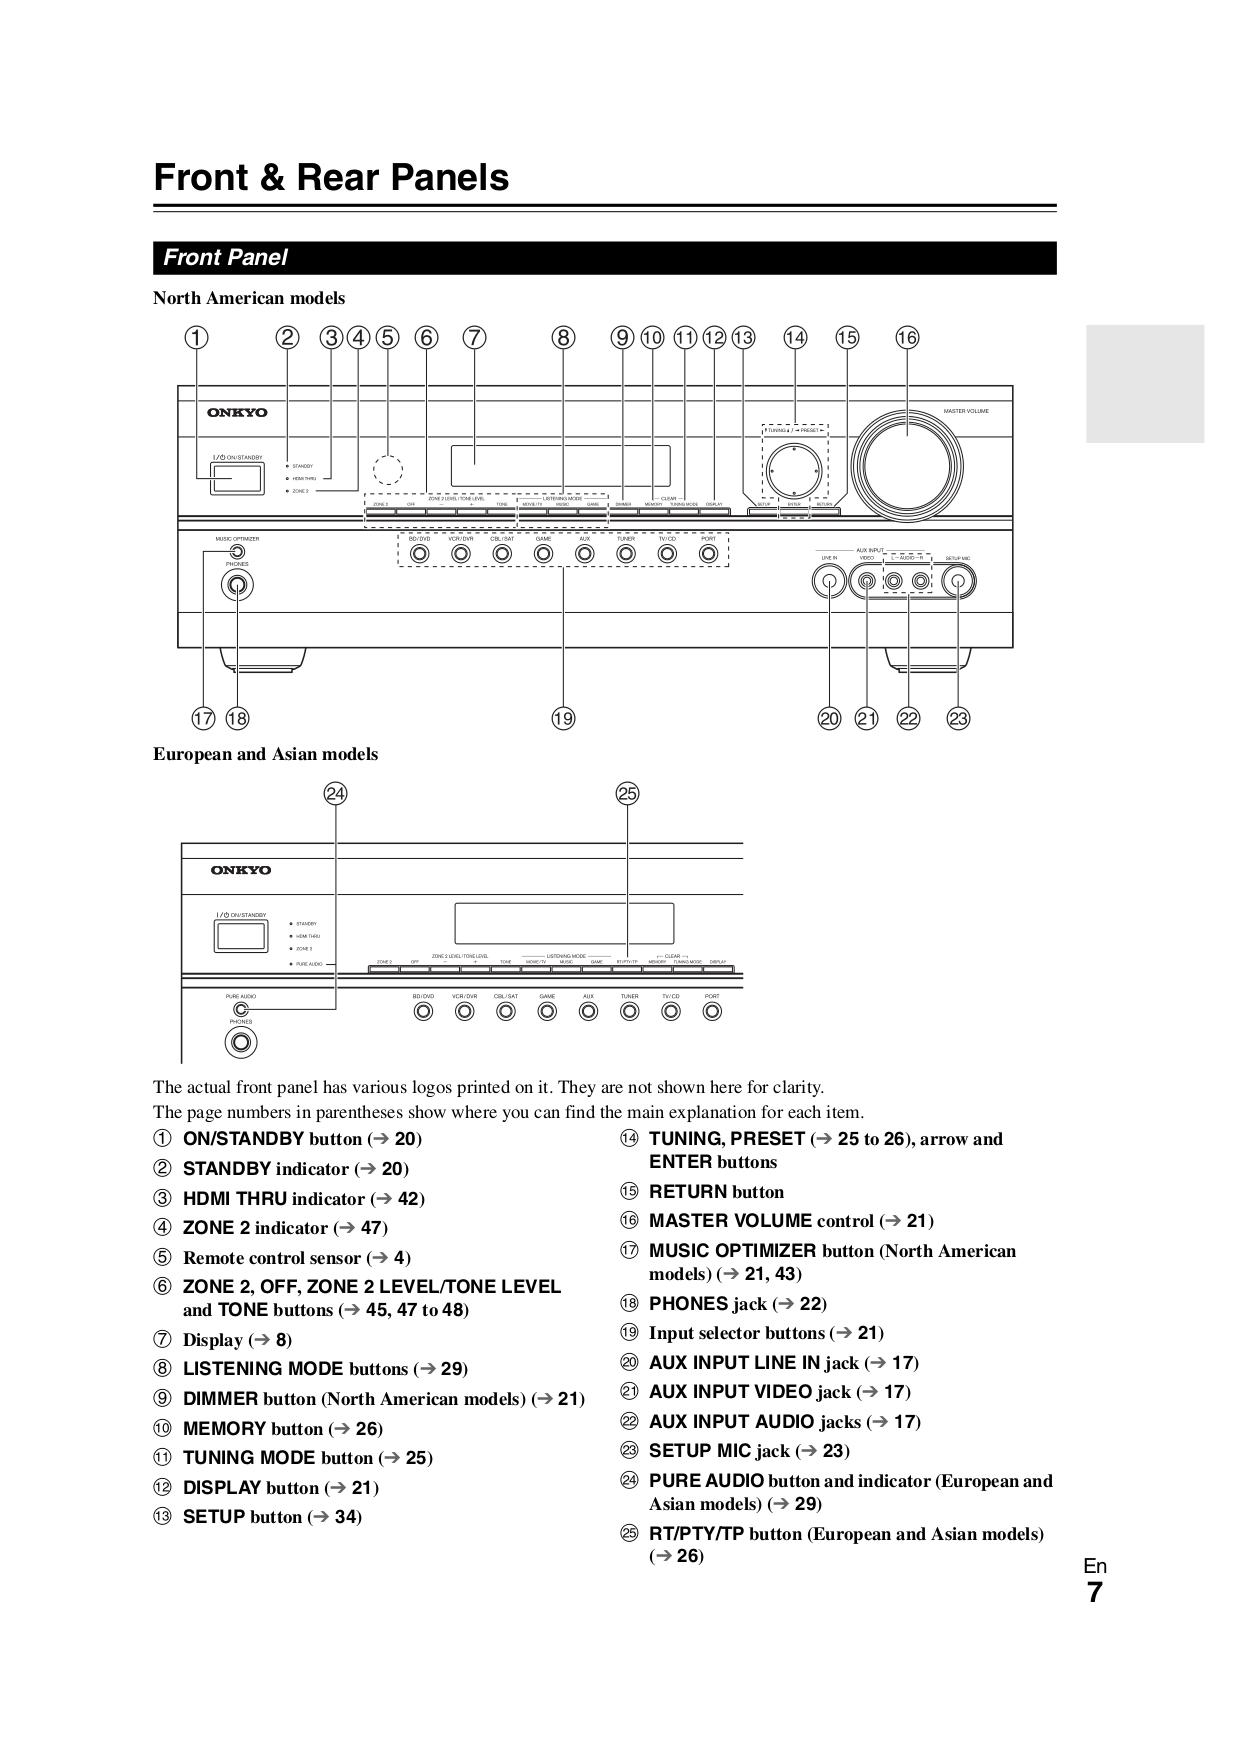 pdf manual for onkyo receiver tx sr508 rh umlib com onkyo tx sr508 manual pdf onkyo tx-sr508 service manual